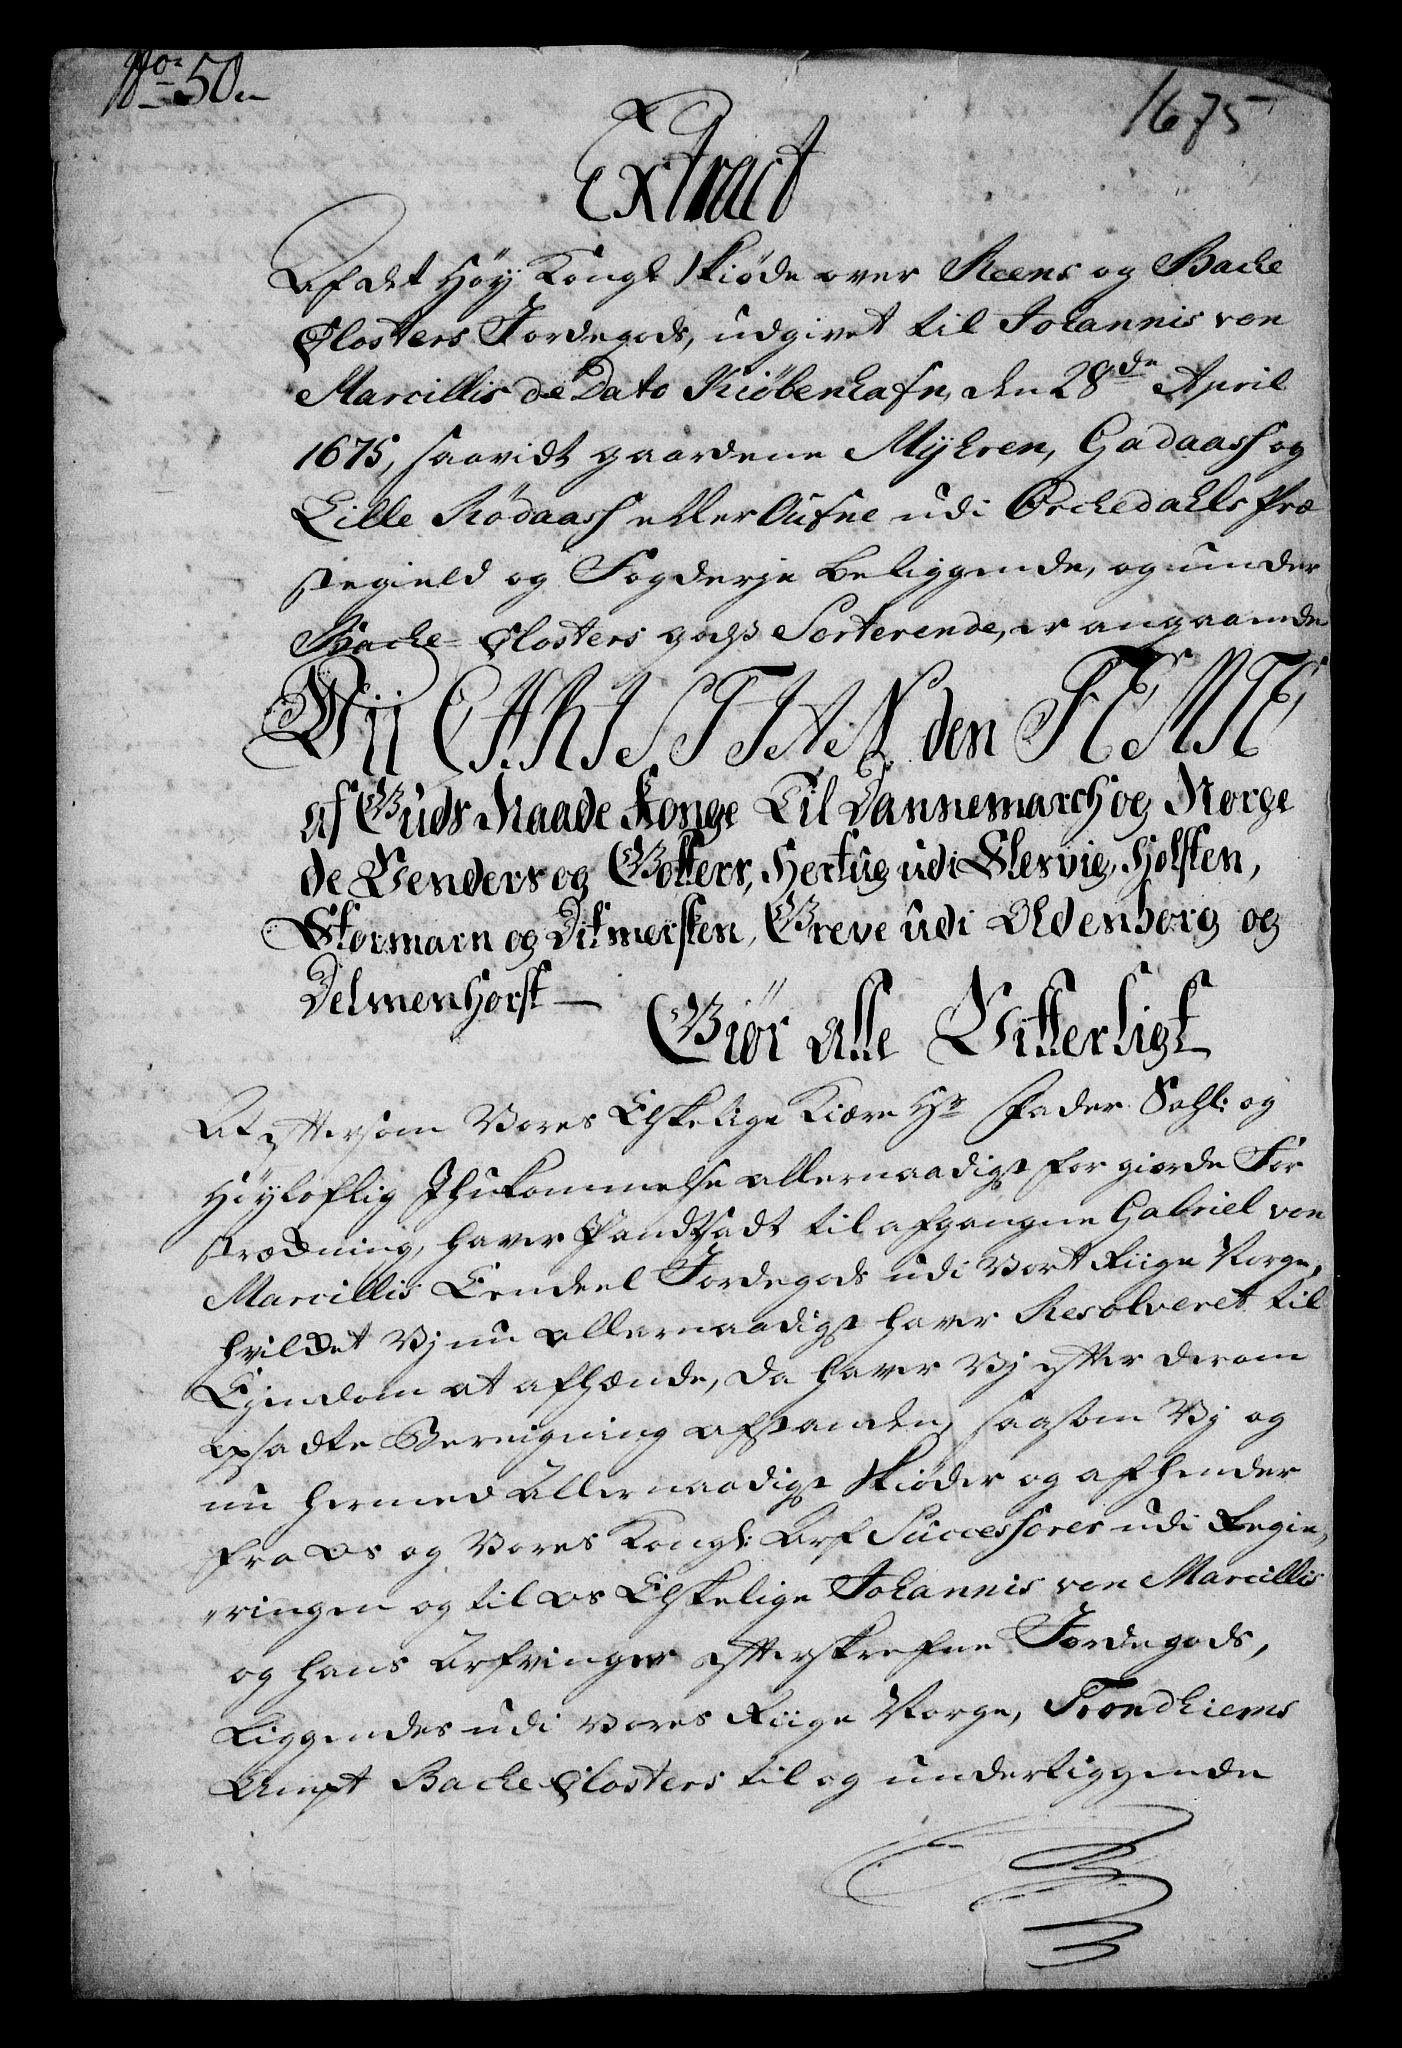 RA, Rentekammeret inntil 1814, Realistisk ordnet avdeling, On/L0013: [Jj 14]: Forskjellige dokumenter om krongodset i Norge, 1672-1722, s. 124